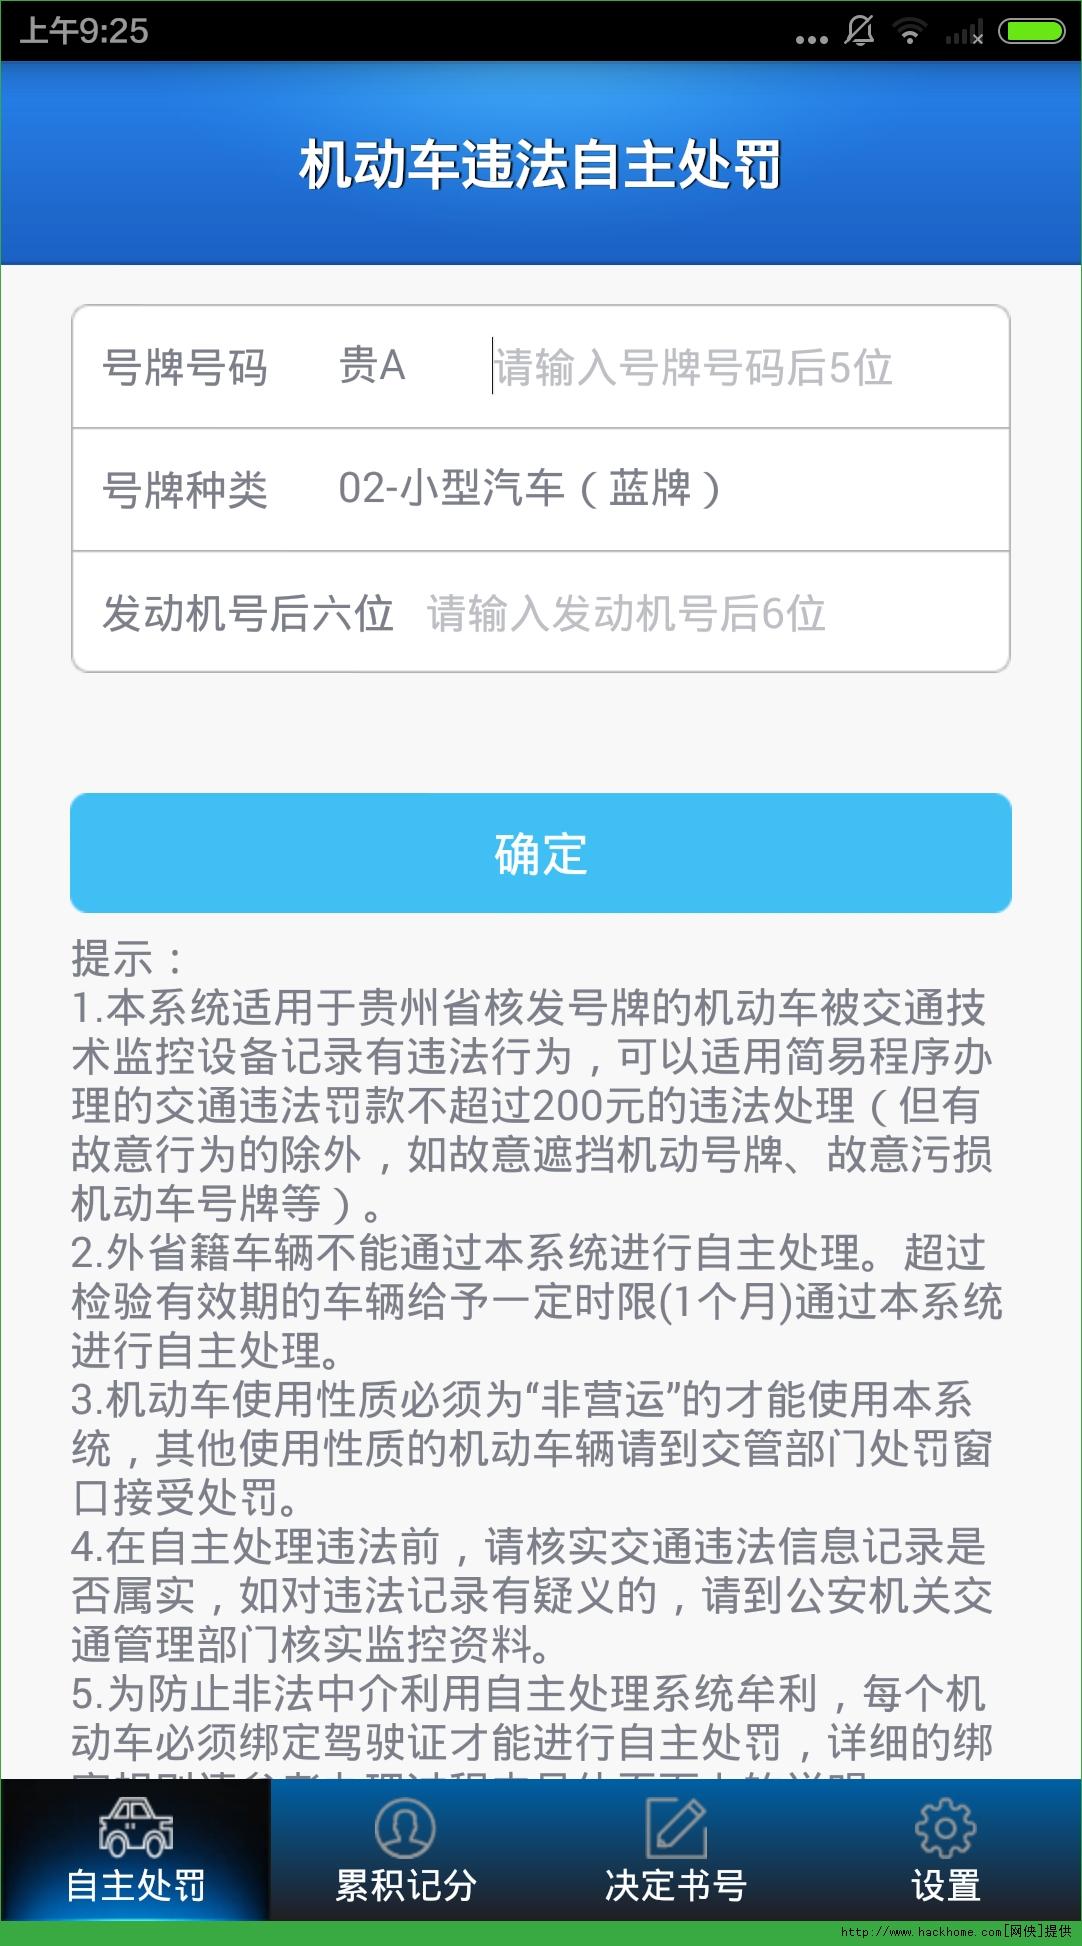 贵阳交警APP下载(贵州交警)图2: